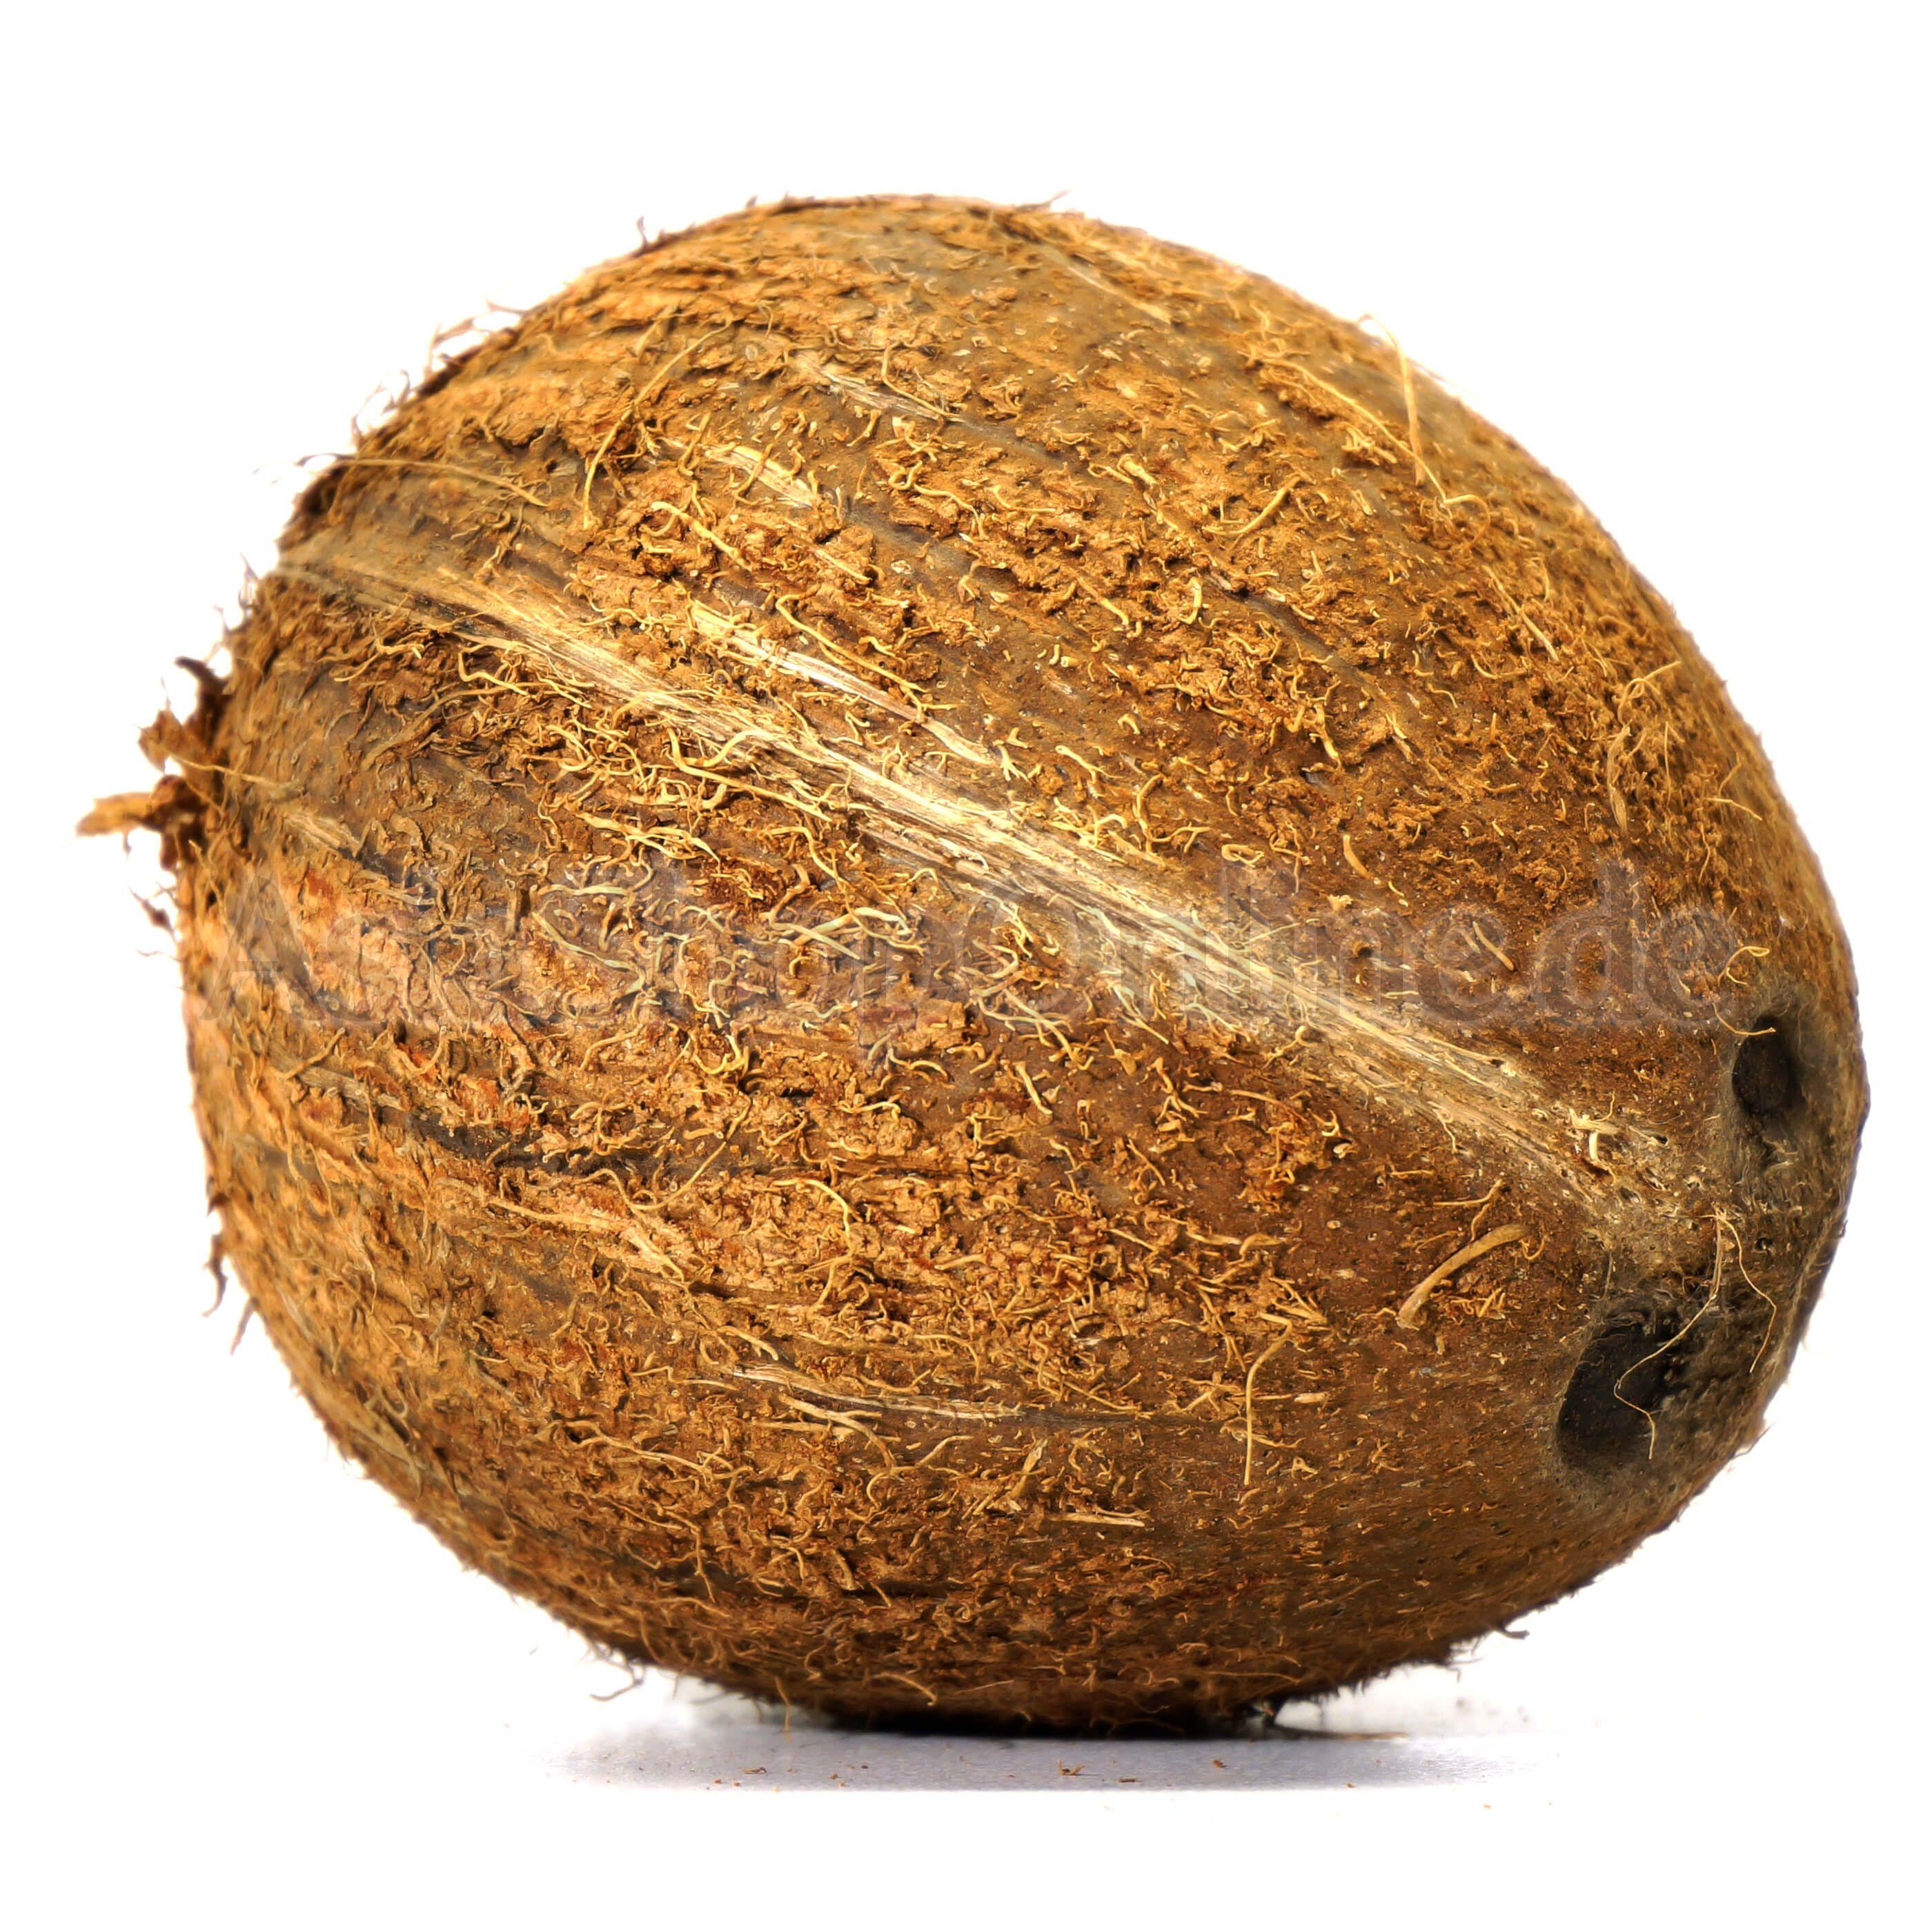 Ts Kokosnuss